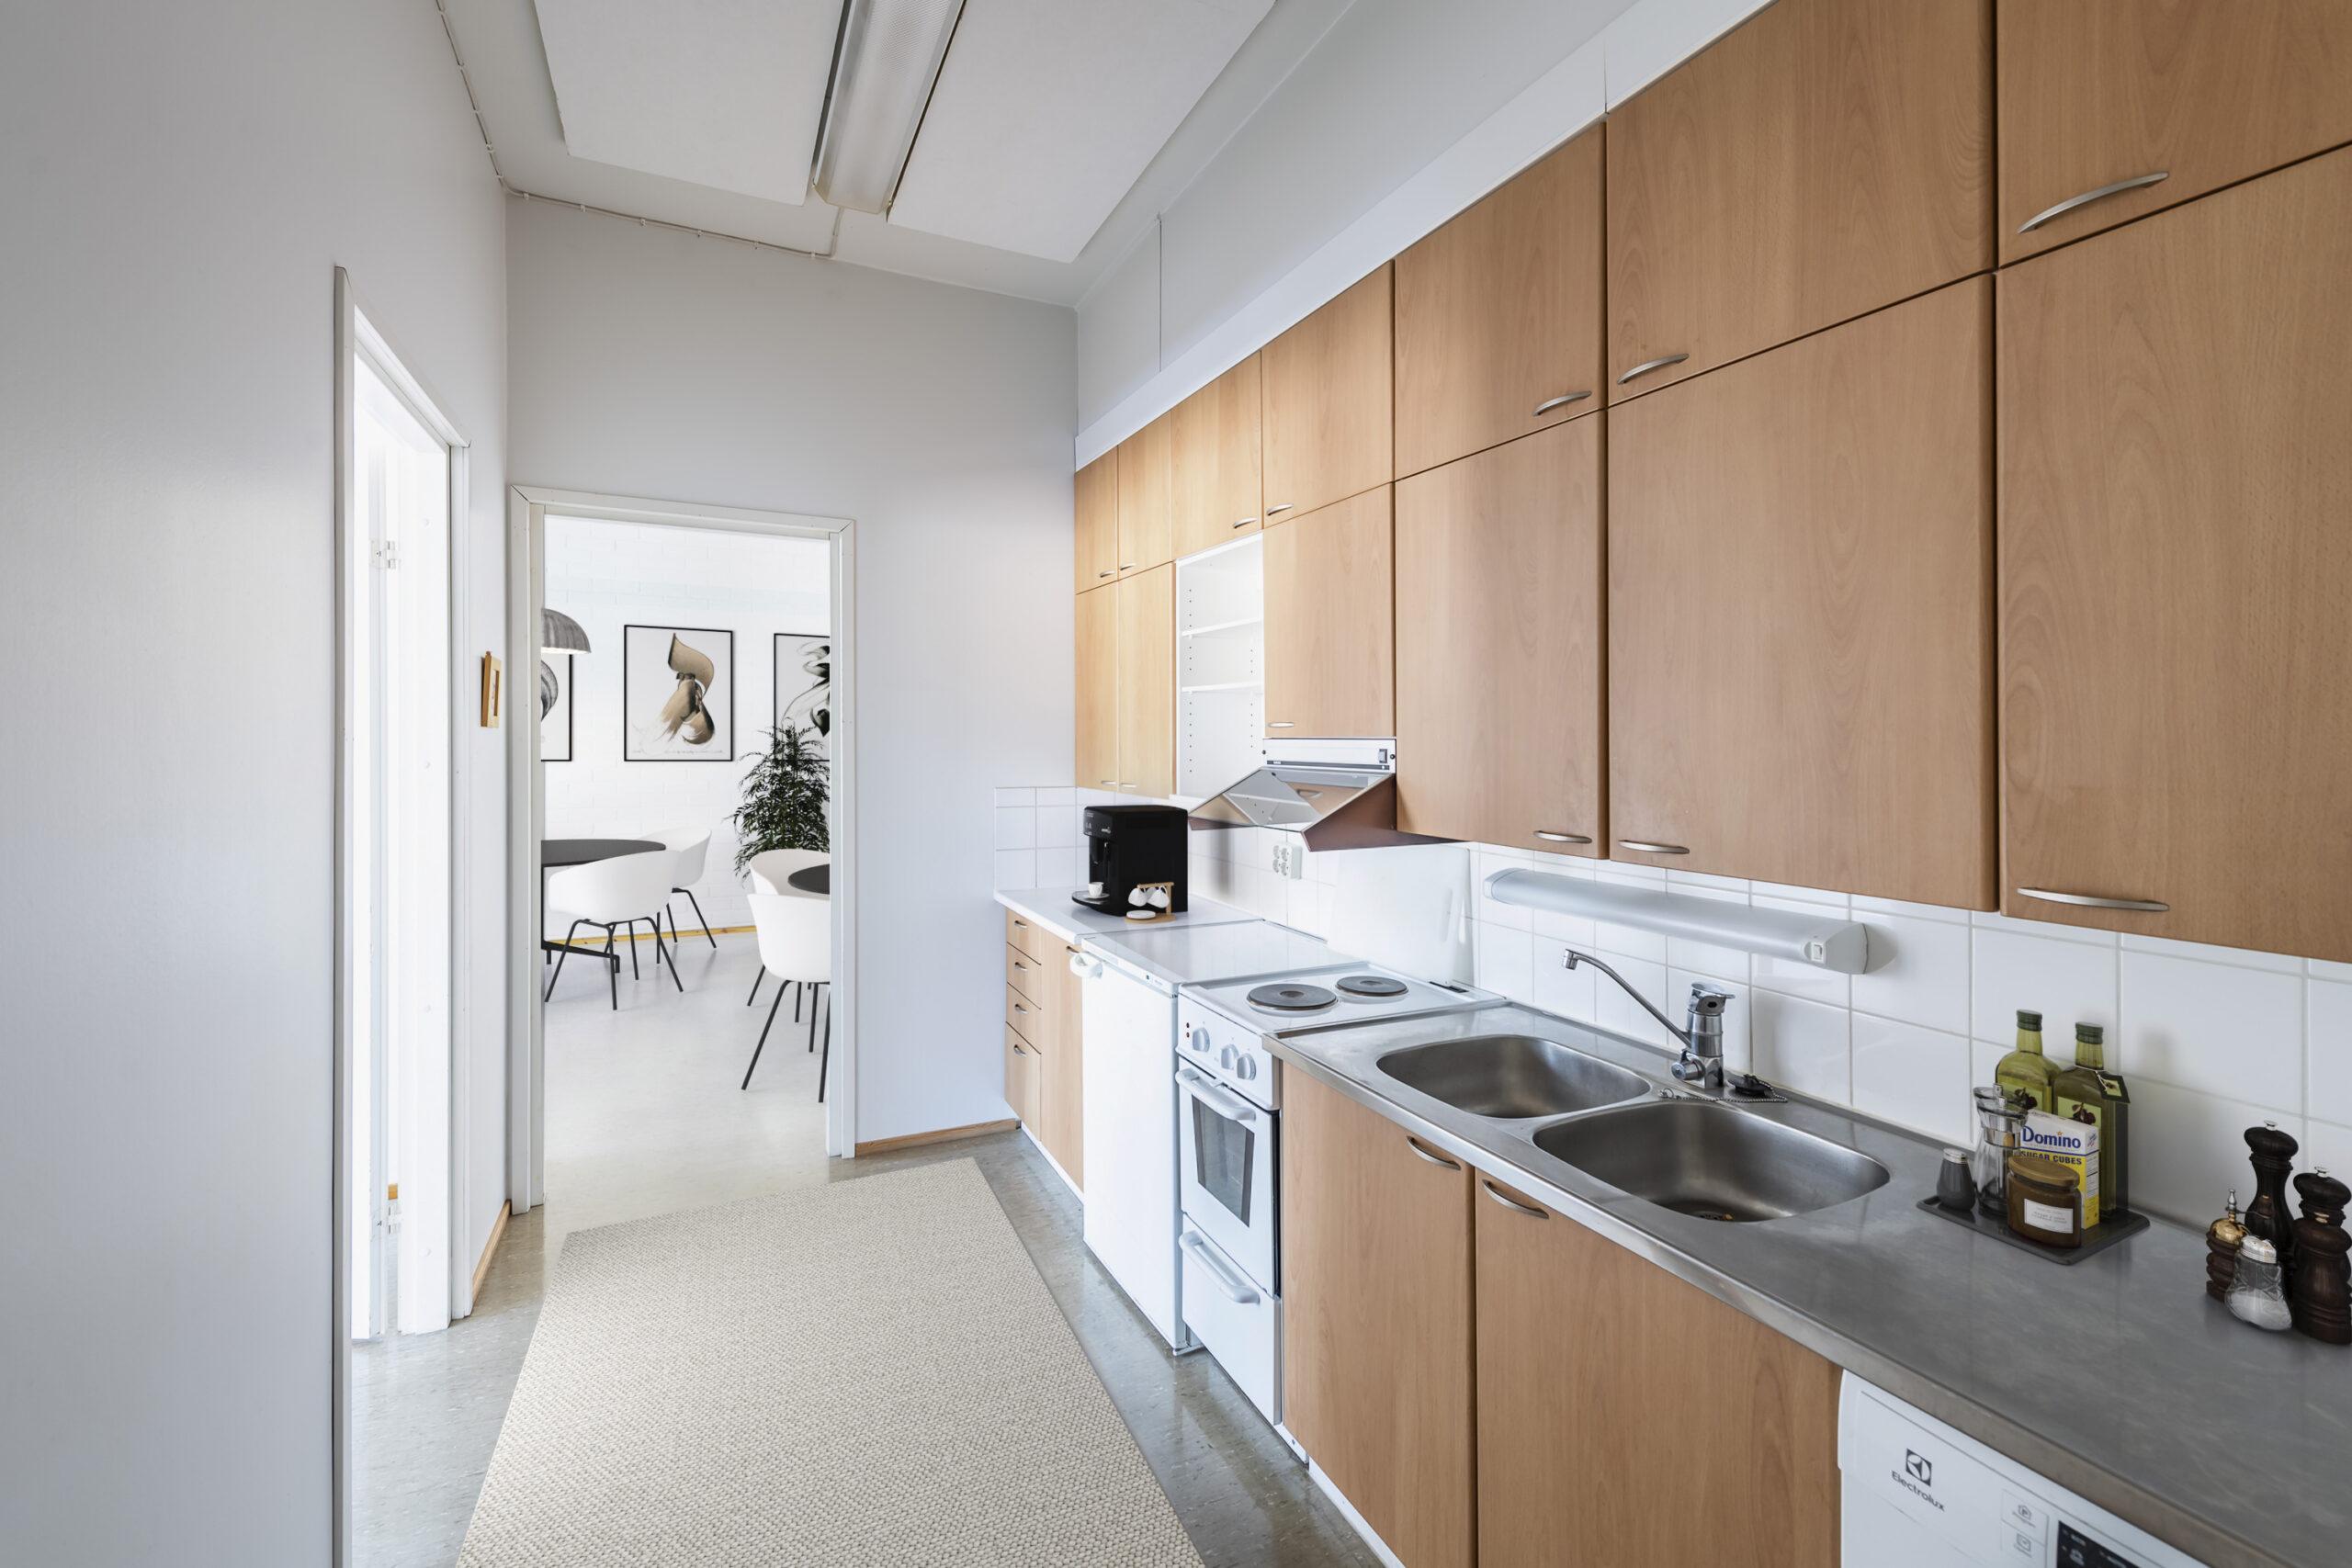 Turvallinen työympäristö tarkoittaa esimerkiksi keittiötä, jossa on turvalliset ja asianmukaiset laiteratkaisut. Toimitilan keittiö, jossa runsaasti työtasoa. Kahvinkeitin, jääkaappi, pienehkö sähköliesi, kaksi tiskiallasta, vesihana ja astianpesukone. Pöydällä muun muassa maustepurkkeja.